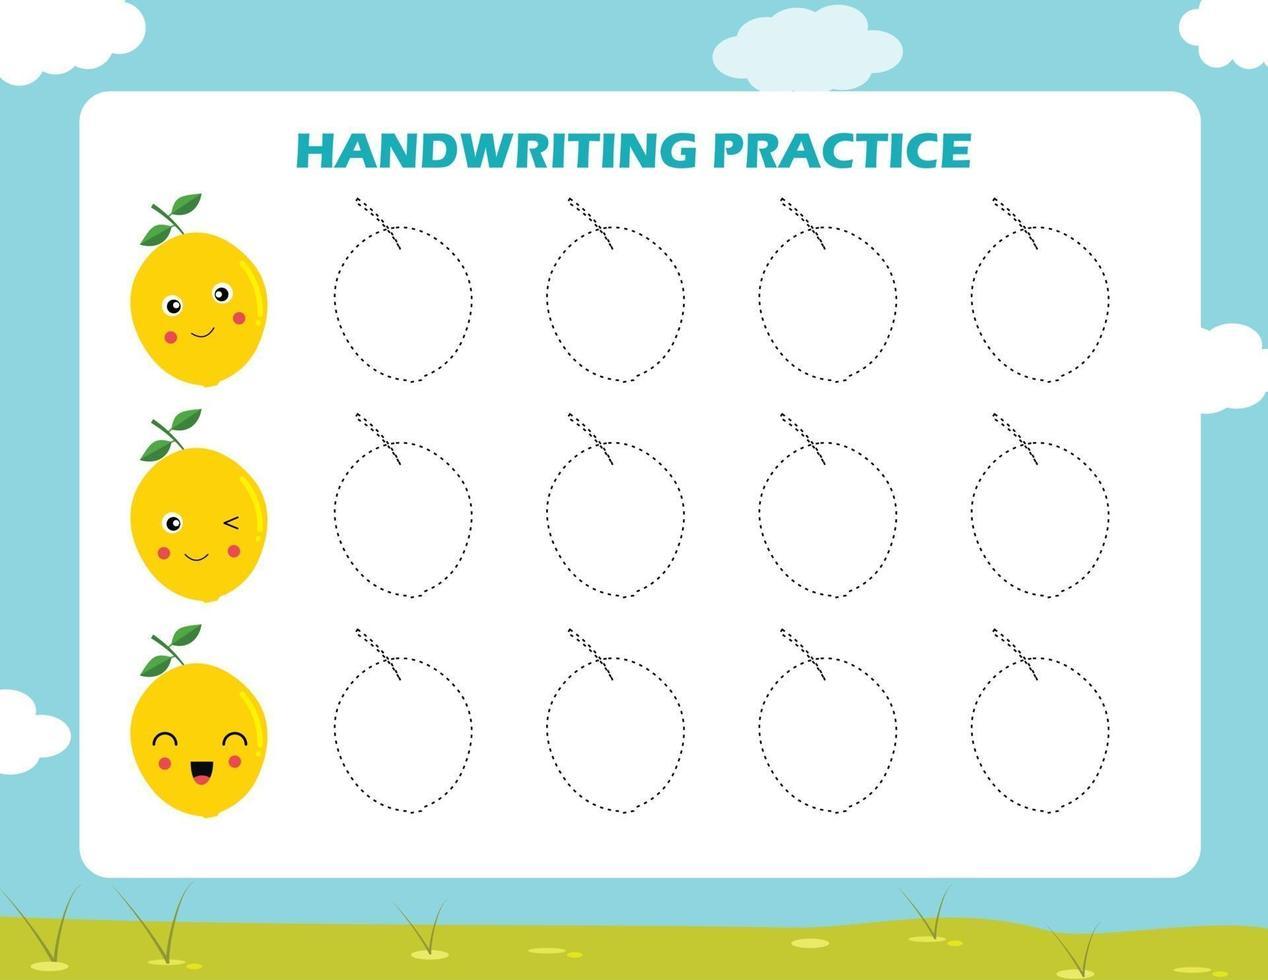 spåra linjerna med tecknad frukt. skrivförmåga övning. vektor